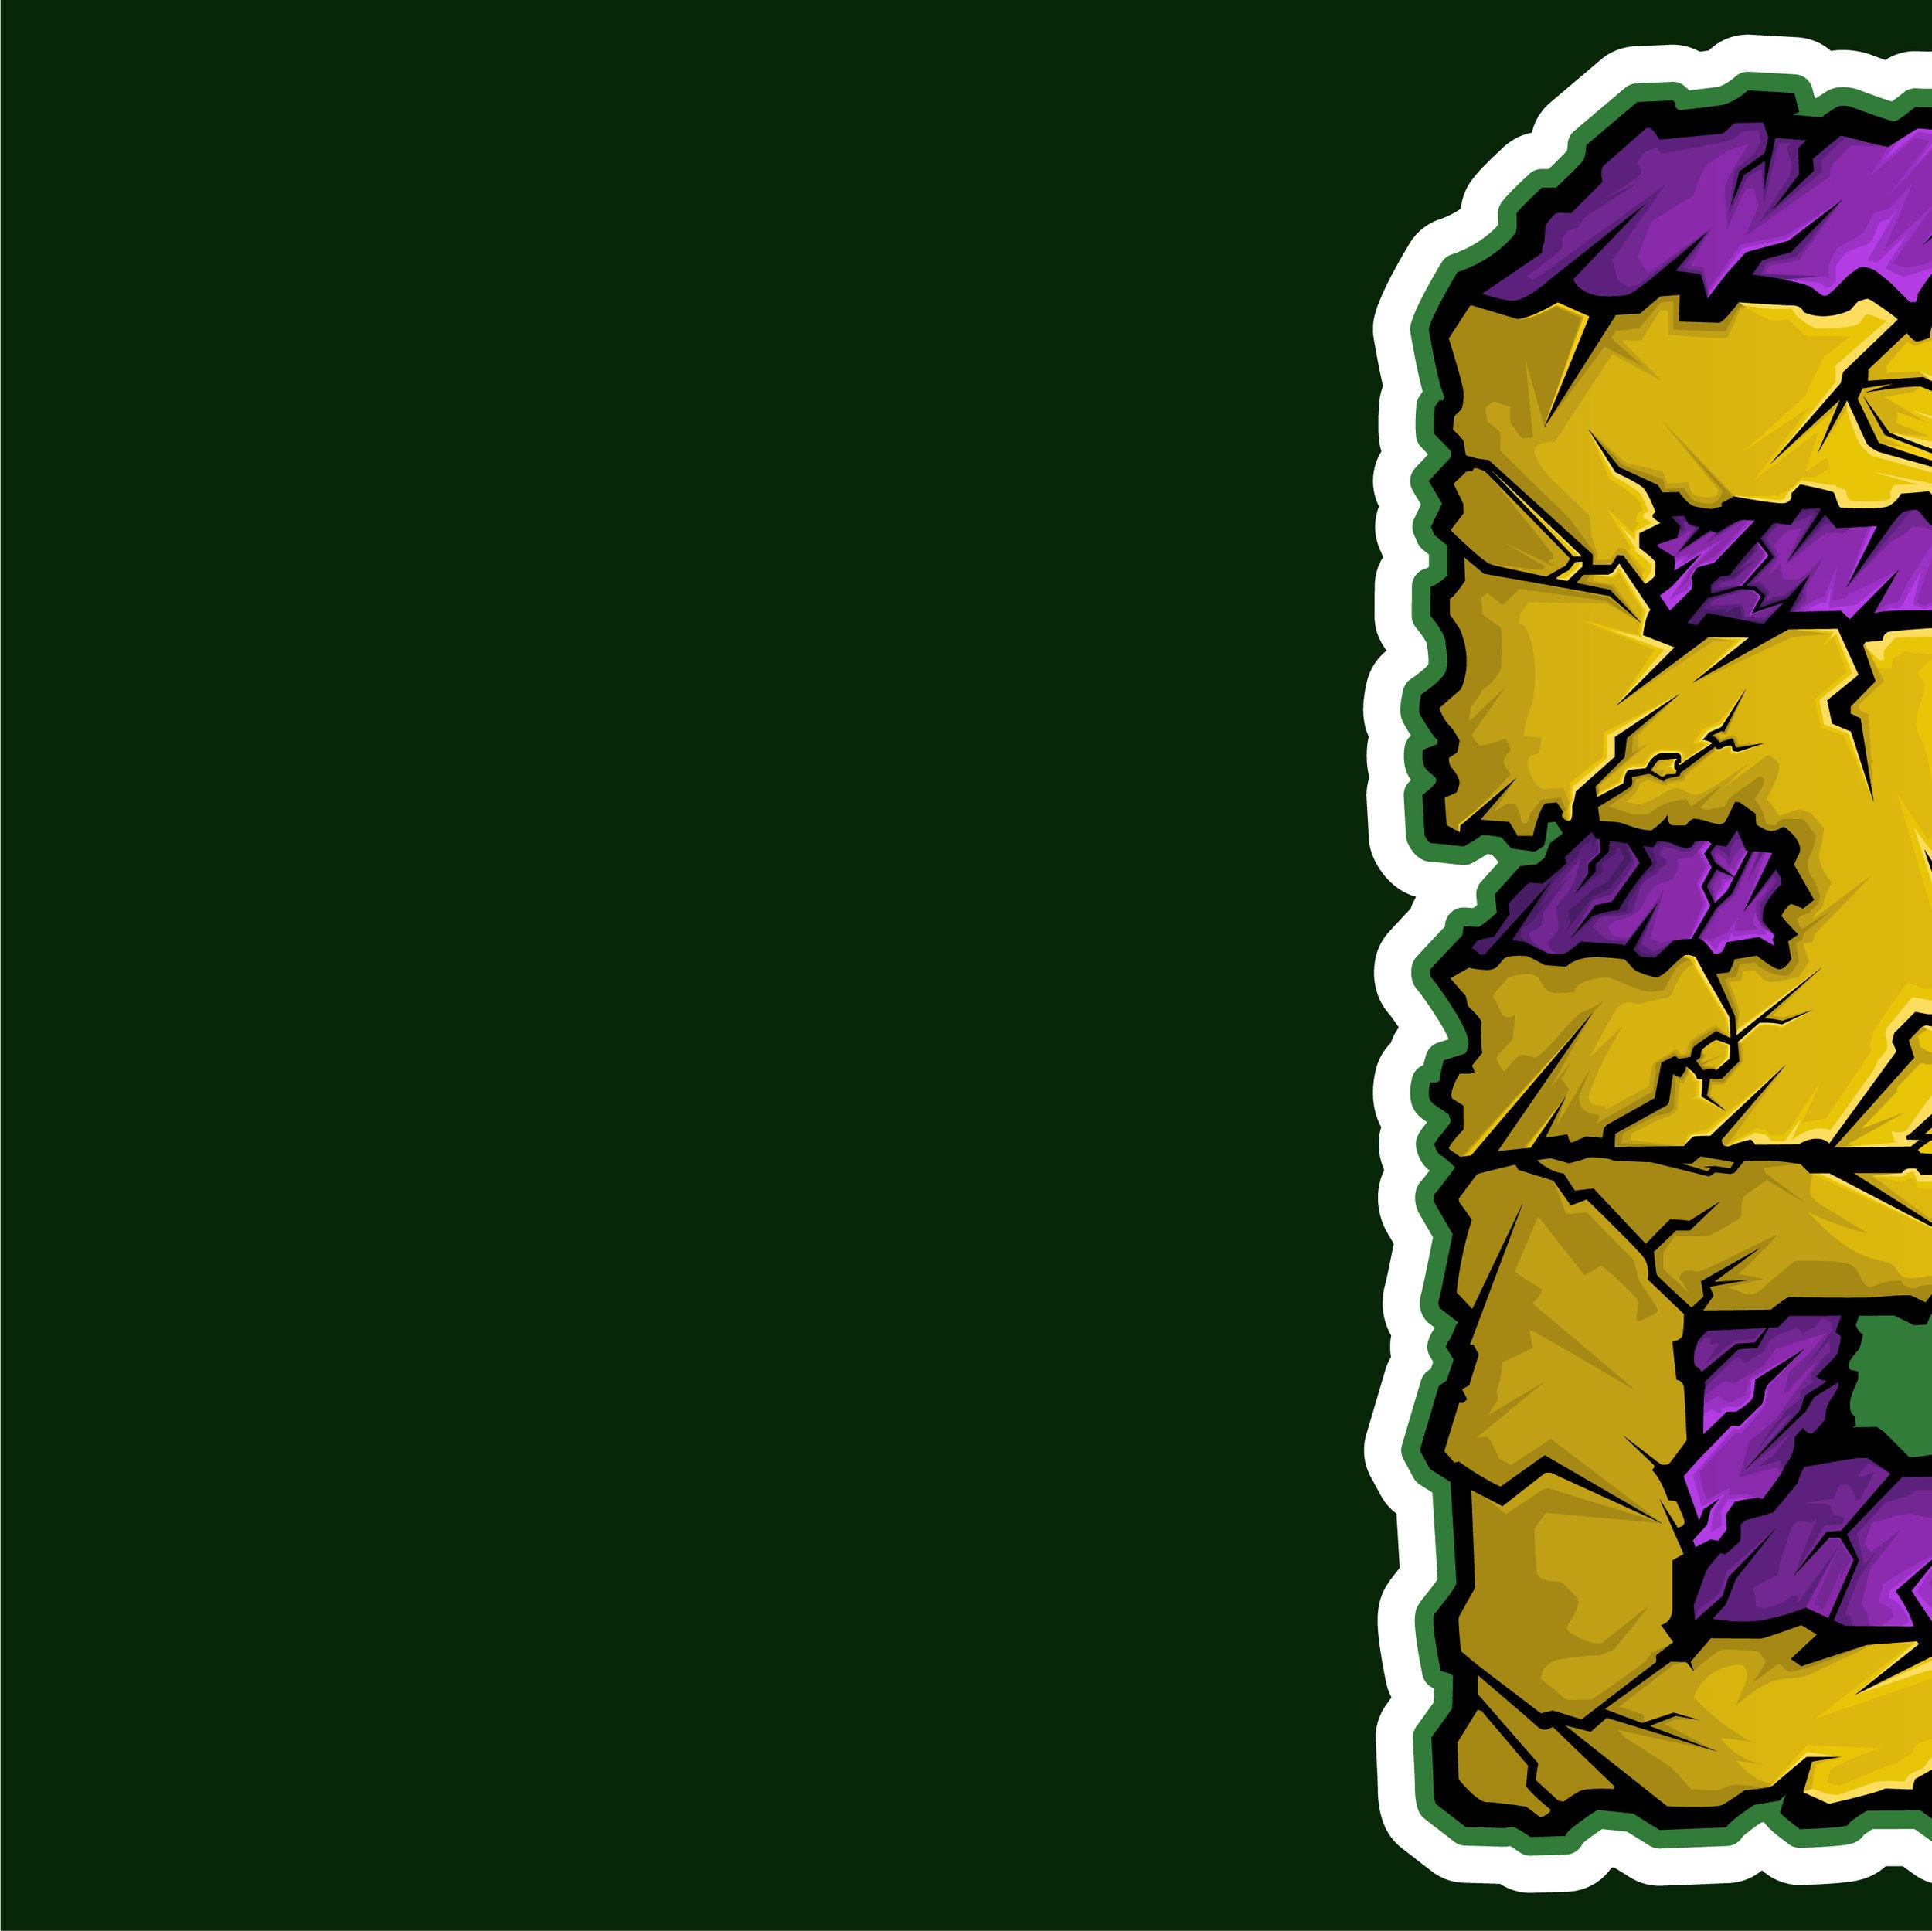 SmashCast-Social-Type_6.jpg